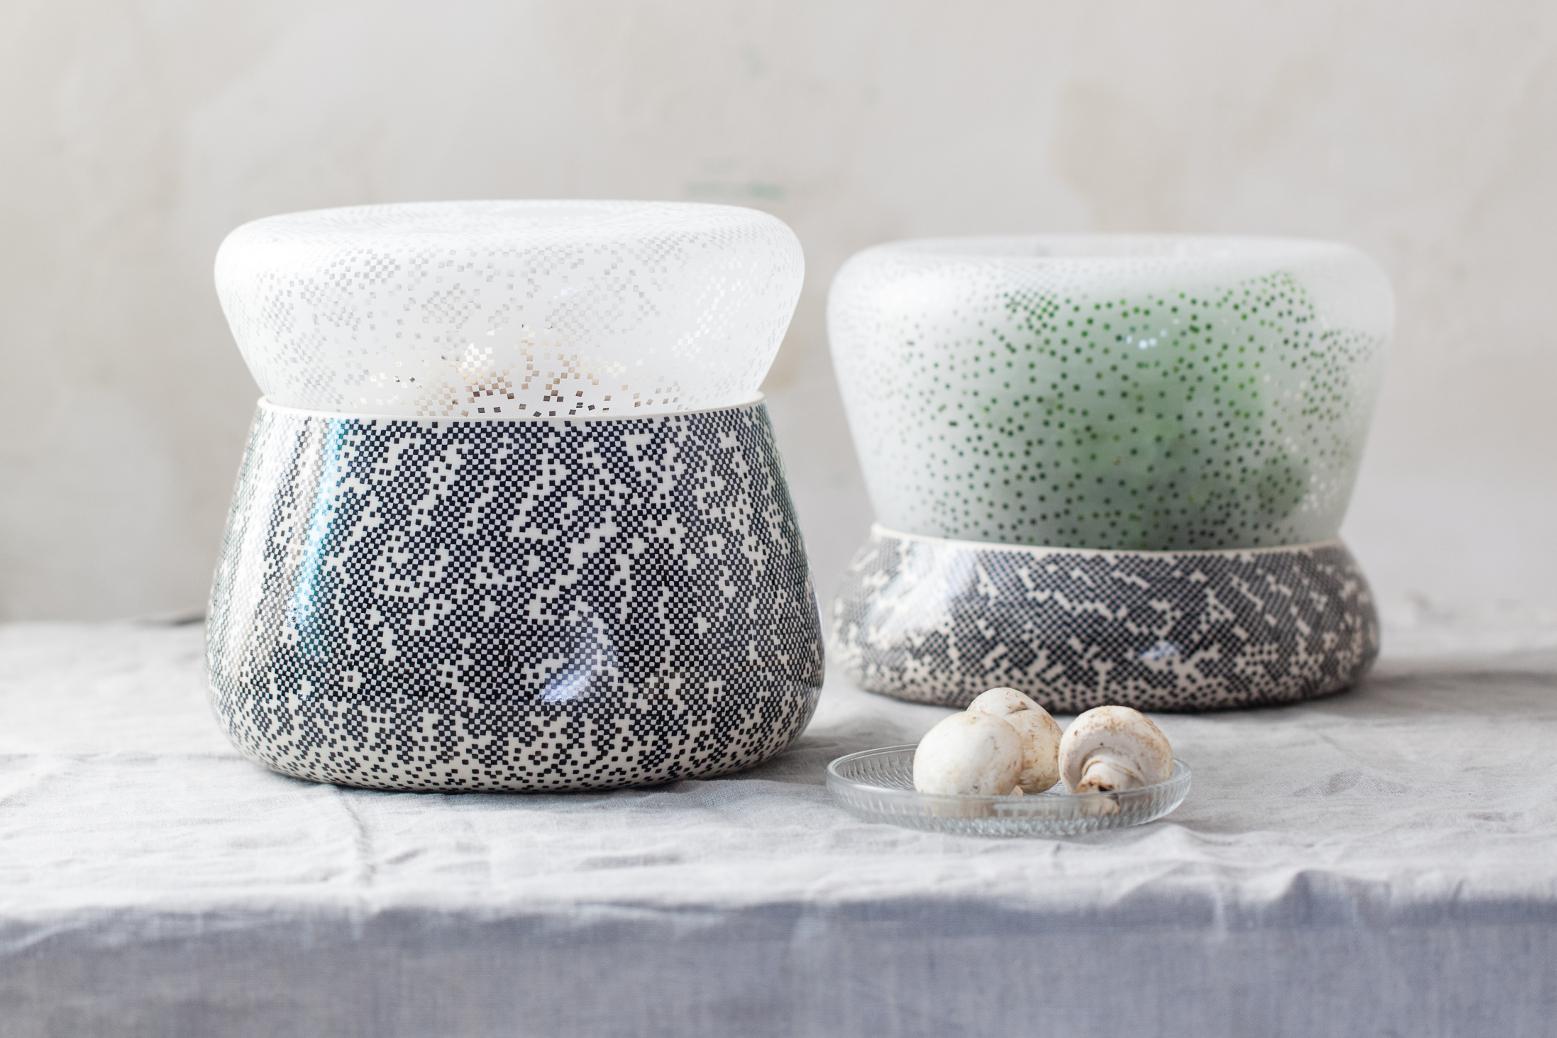 Dwa szaro-biało-zielone designerskie pojemniczki